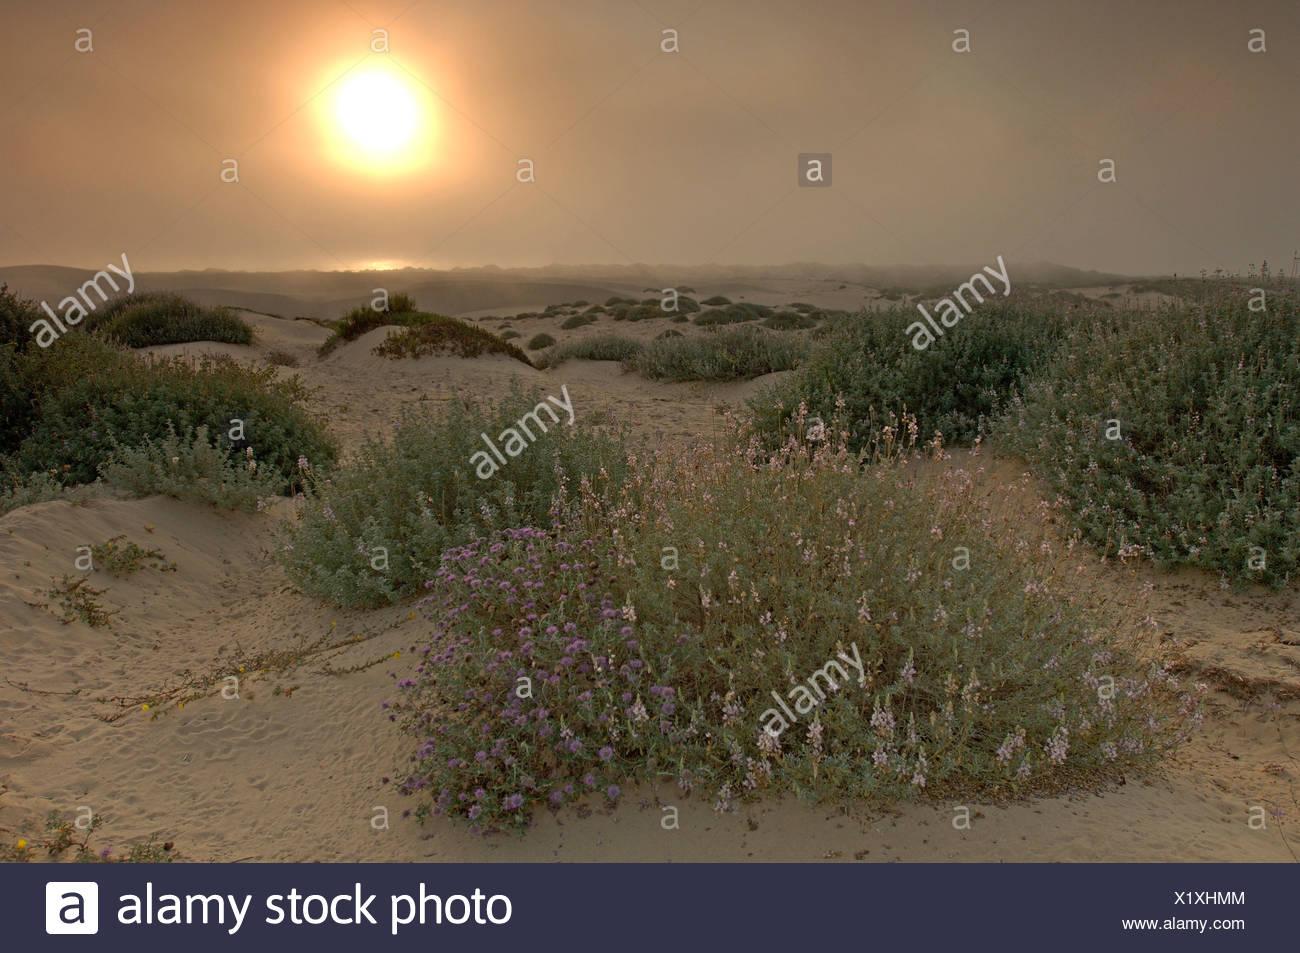 Oceano Usa Californie à Oceano Dunes Sunset construite par Crépuscule Fleurs Paysage Nature Paysage de dunes de sable plage pittoresque United States Banque D'Images